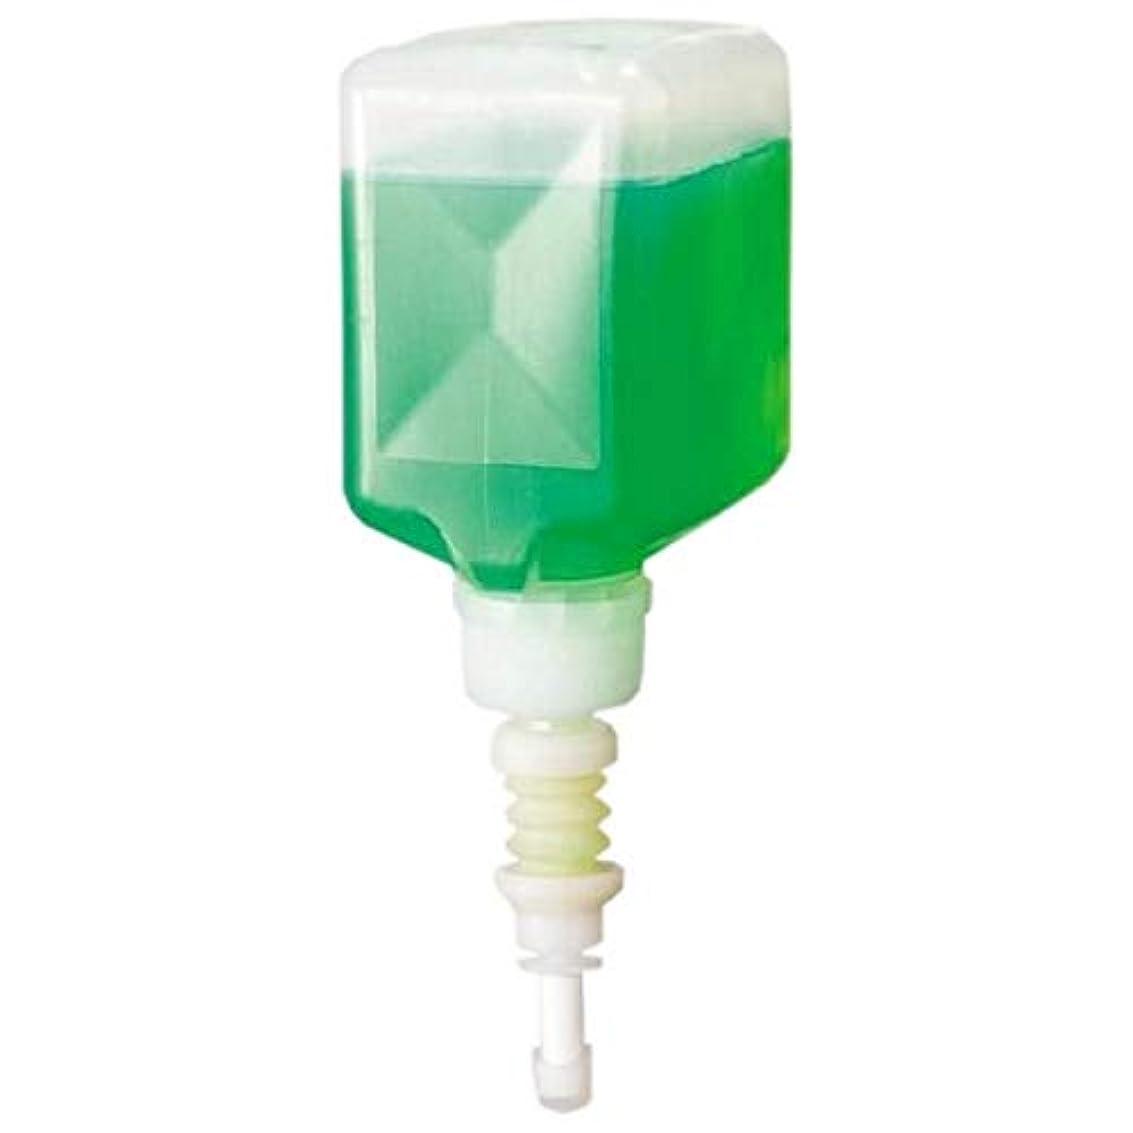 アジャコックあさりスタイルデコ シャボネット石けん液Fデコ専用薬液 緑色